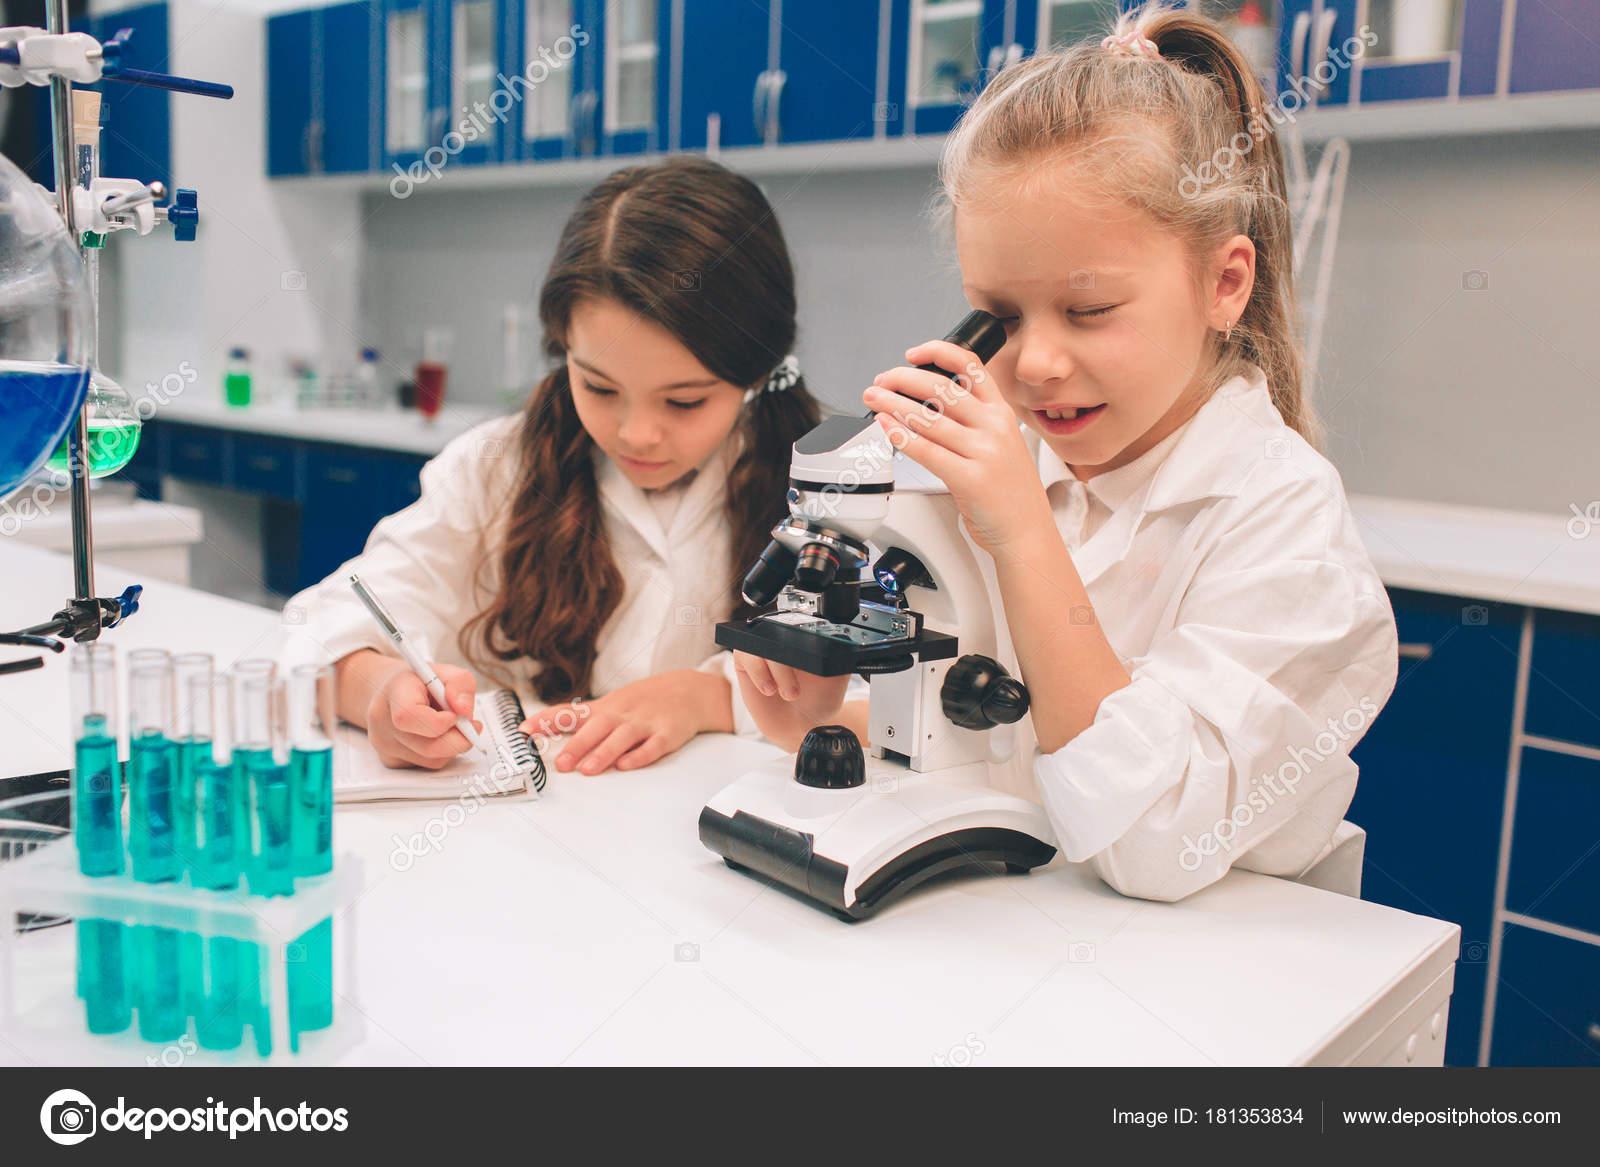 Zwei kleine kinder im laborkittel lernen im schülerlabor chemie